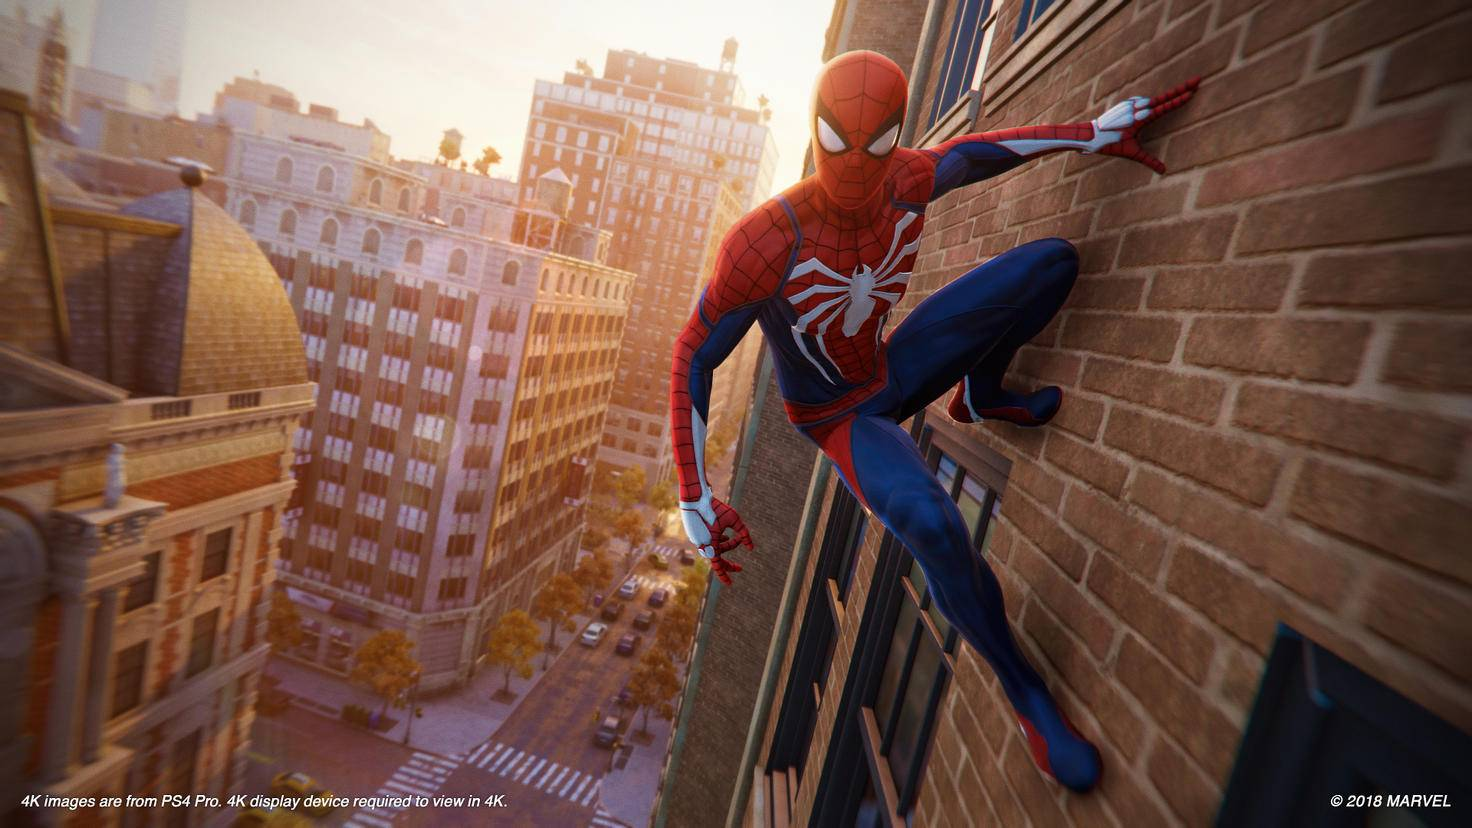 Ein Held und seine Stadt: Spider-Man wacht über New York.